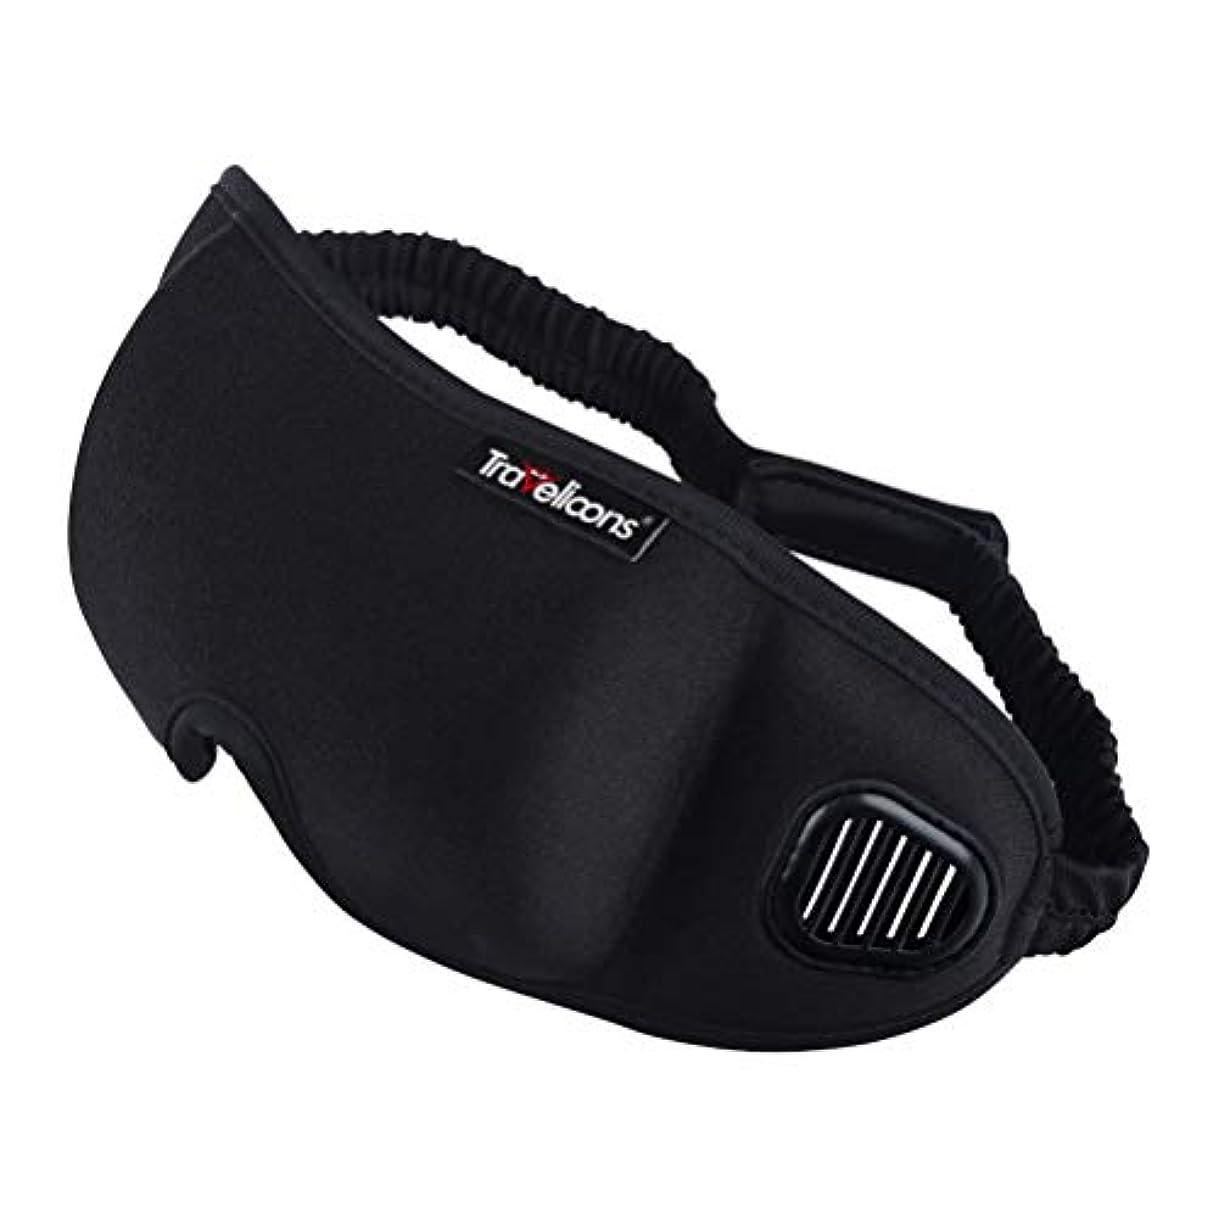 つぶやきメロドラマできないSUPVOX 男性と女性のための3Dスリープアイマスク(耳栓のない黒)